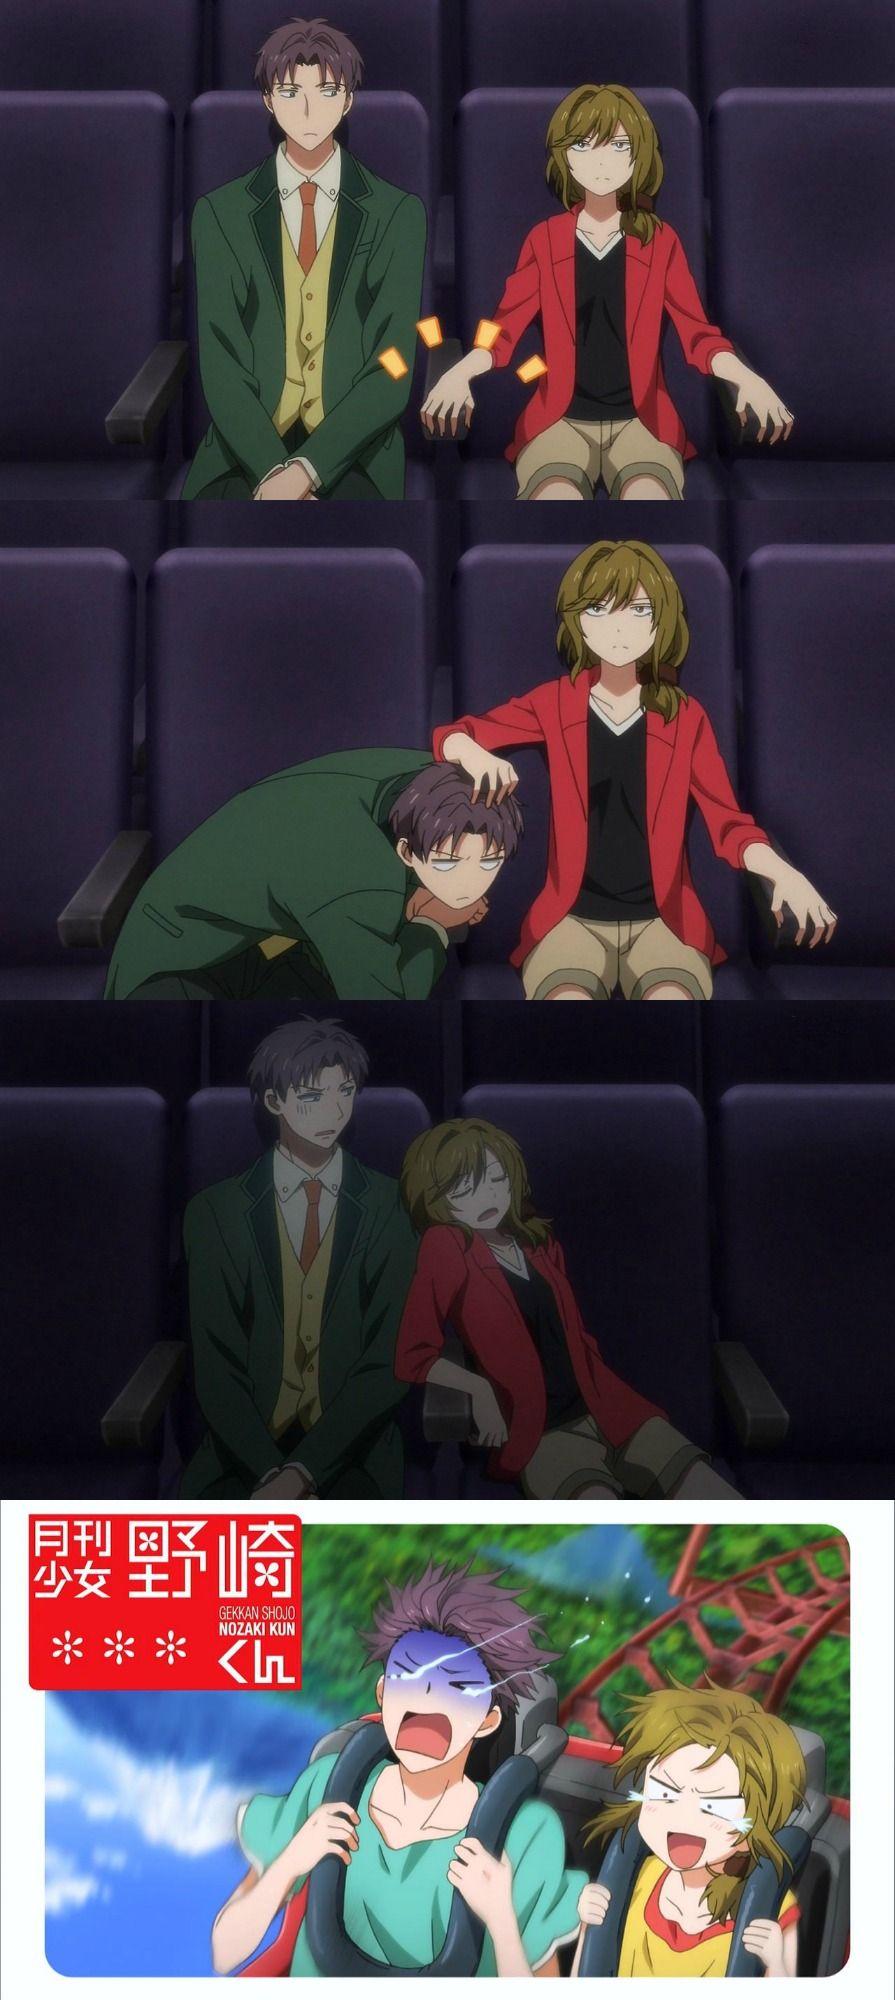 Anime/manga dating sites